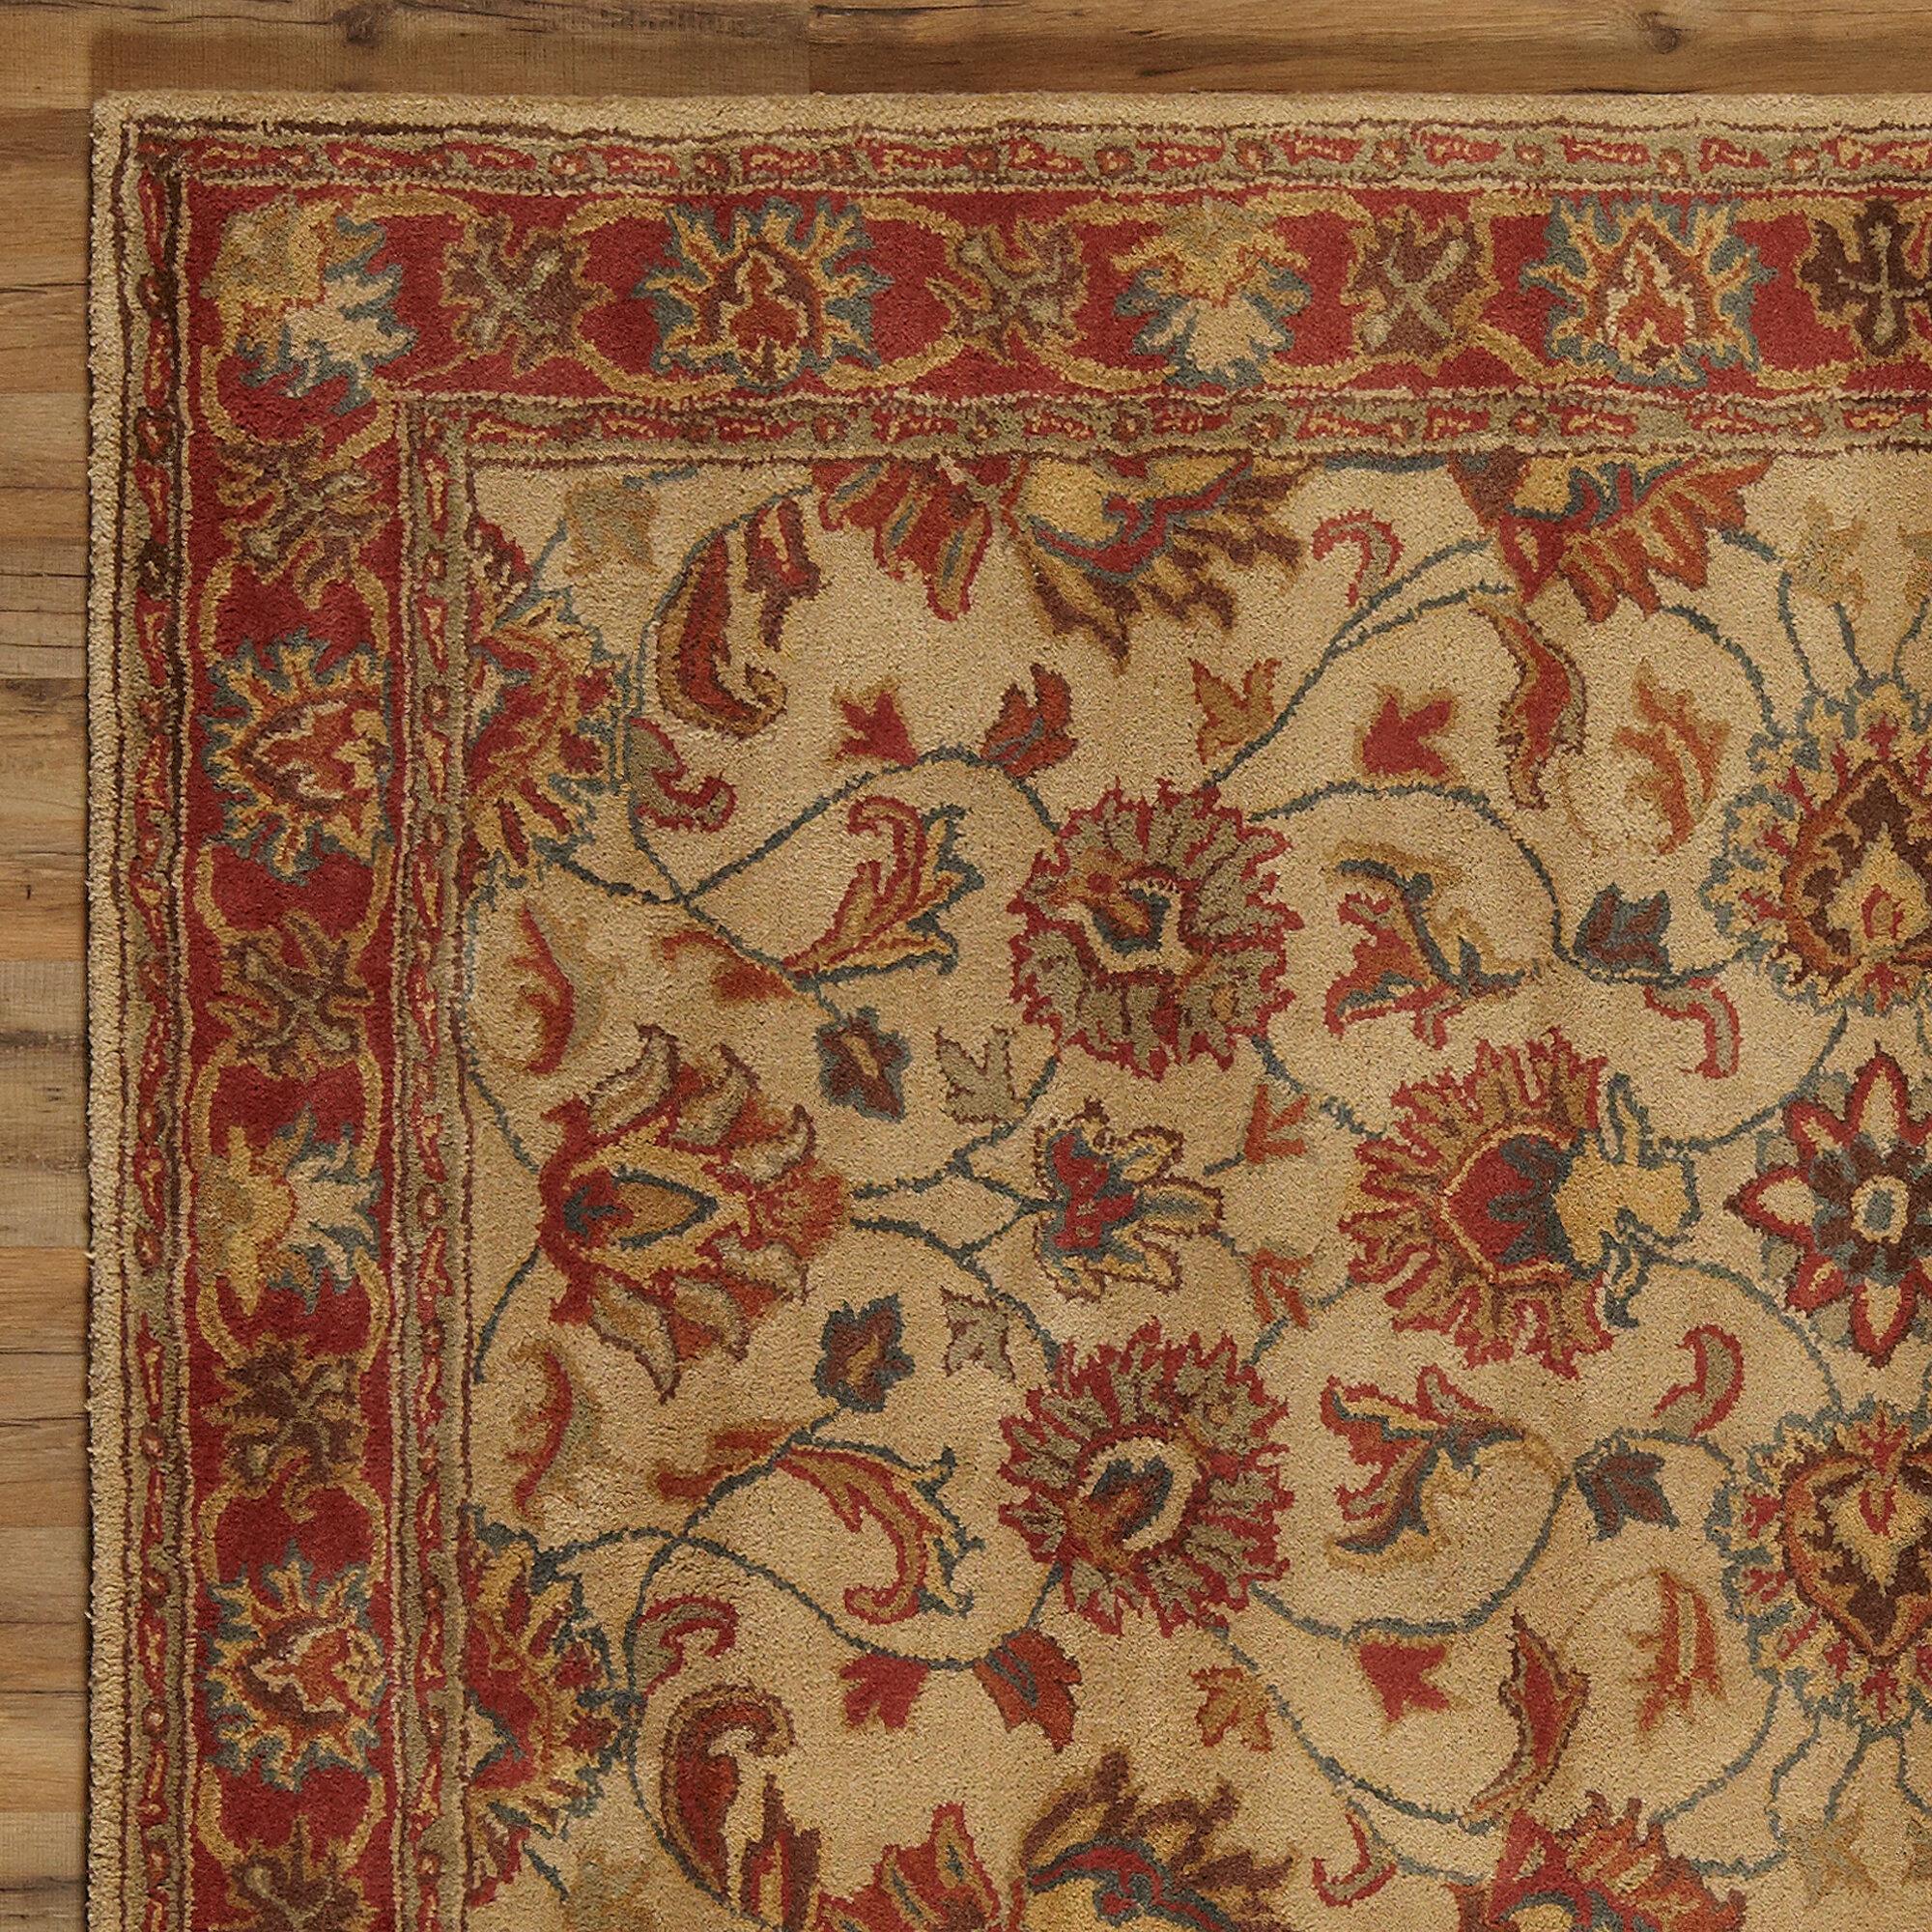 Birch Lane™ Arden Brick Hand-Woven Wool Area Rug & Reviews | Birch Lane